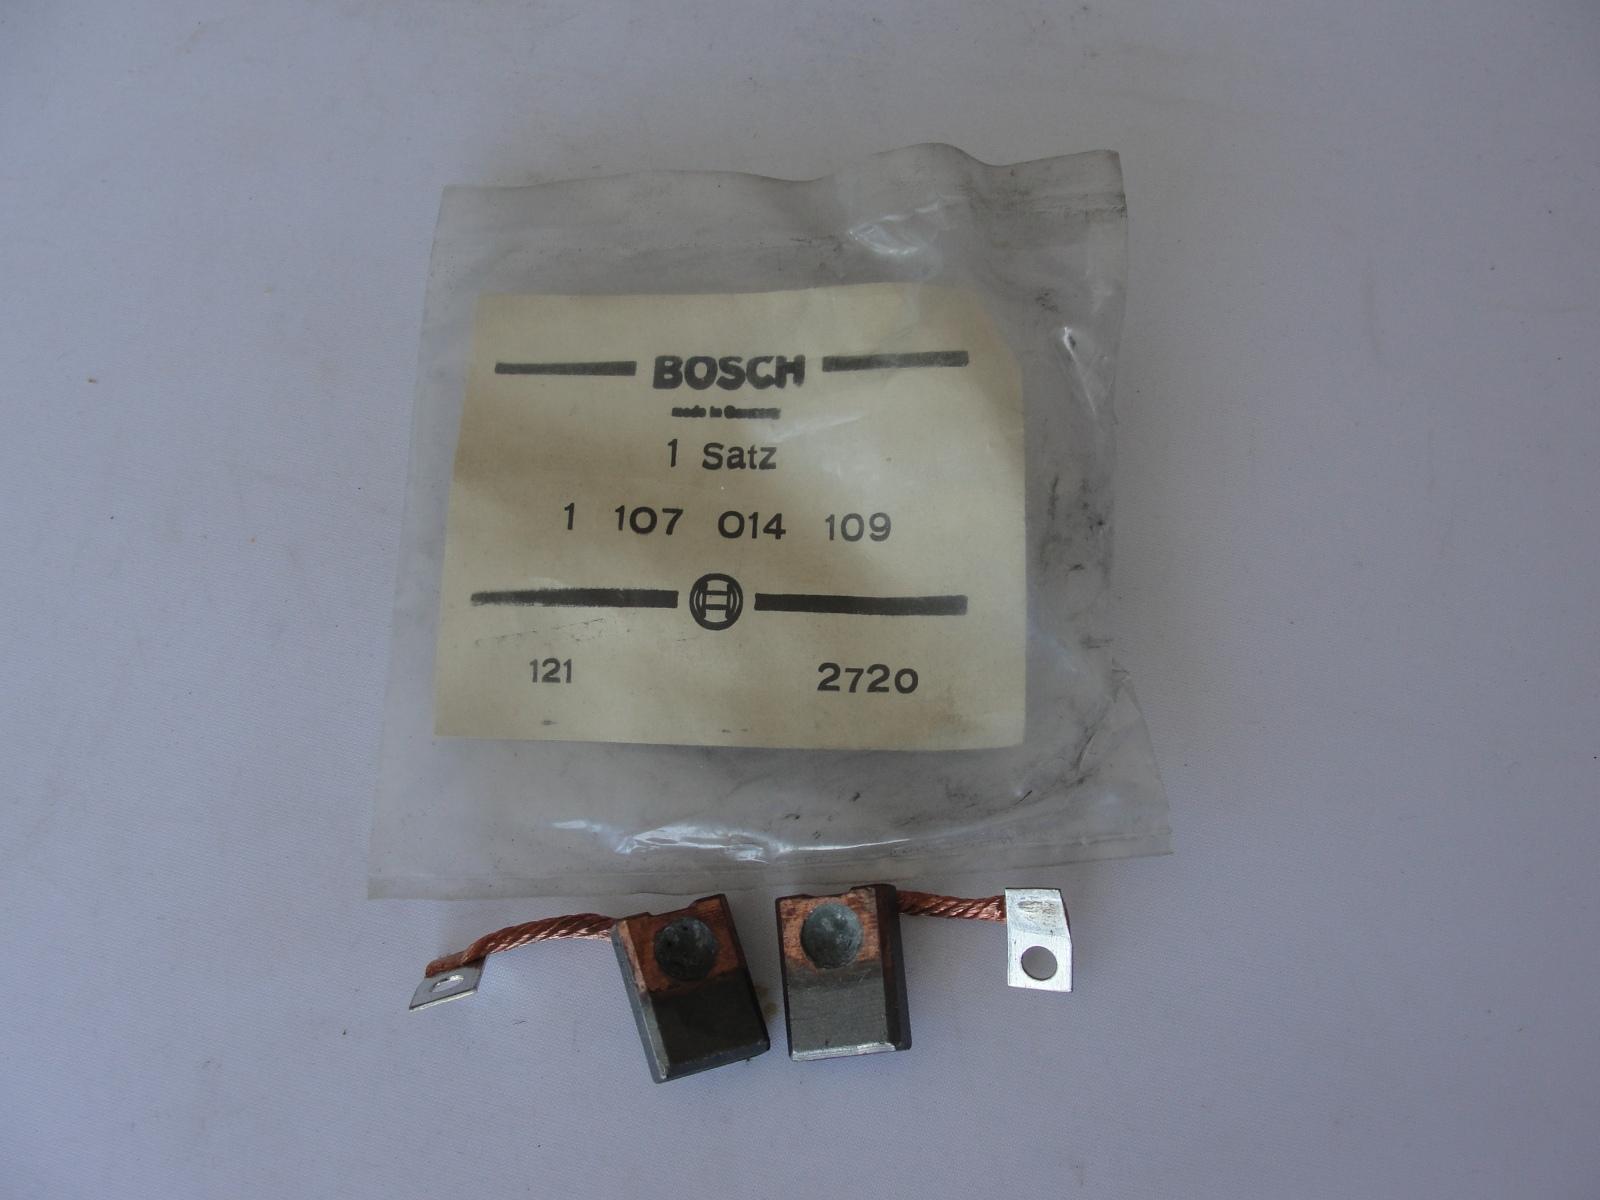 Bosch REE Kohlensatz 1107014109 Gleichstrommachine Kohl sentence  DC machine